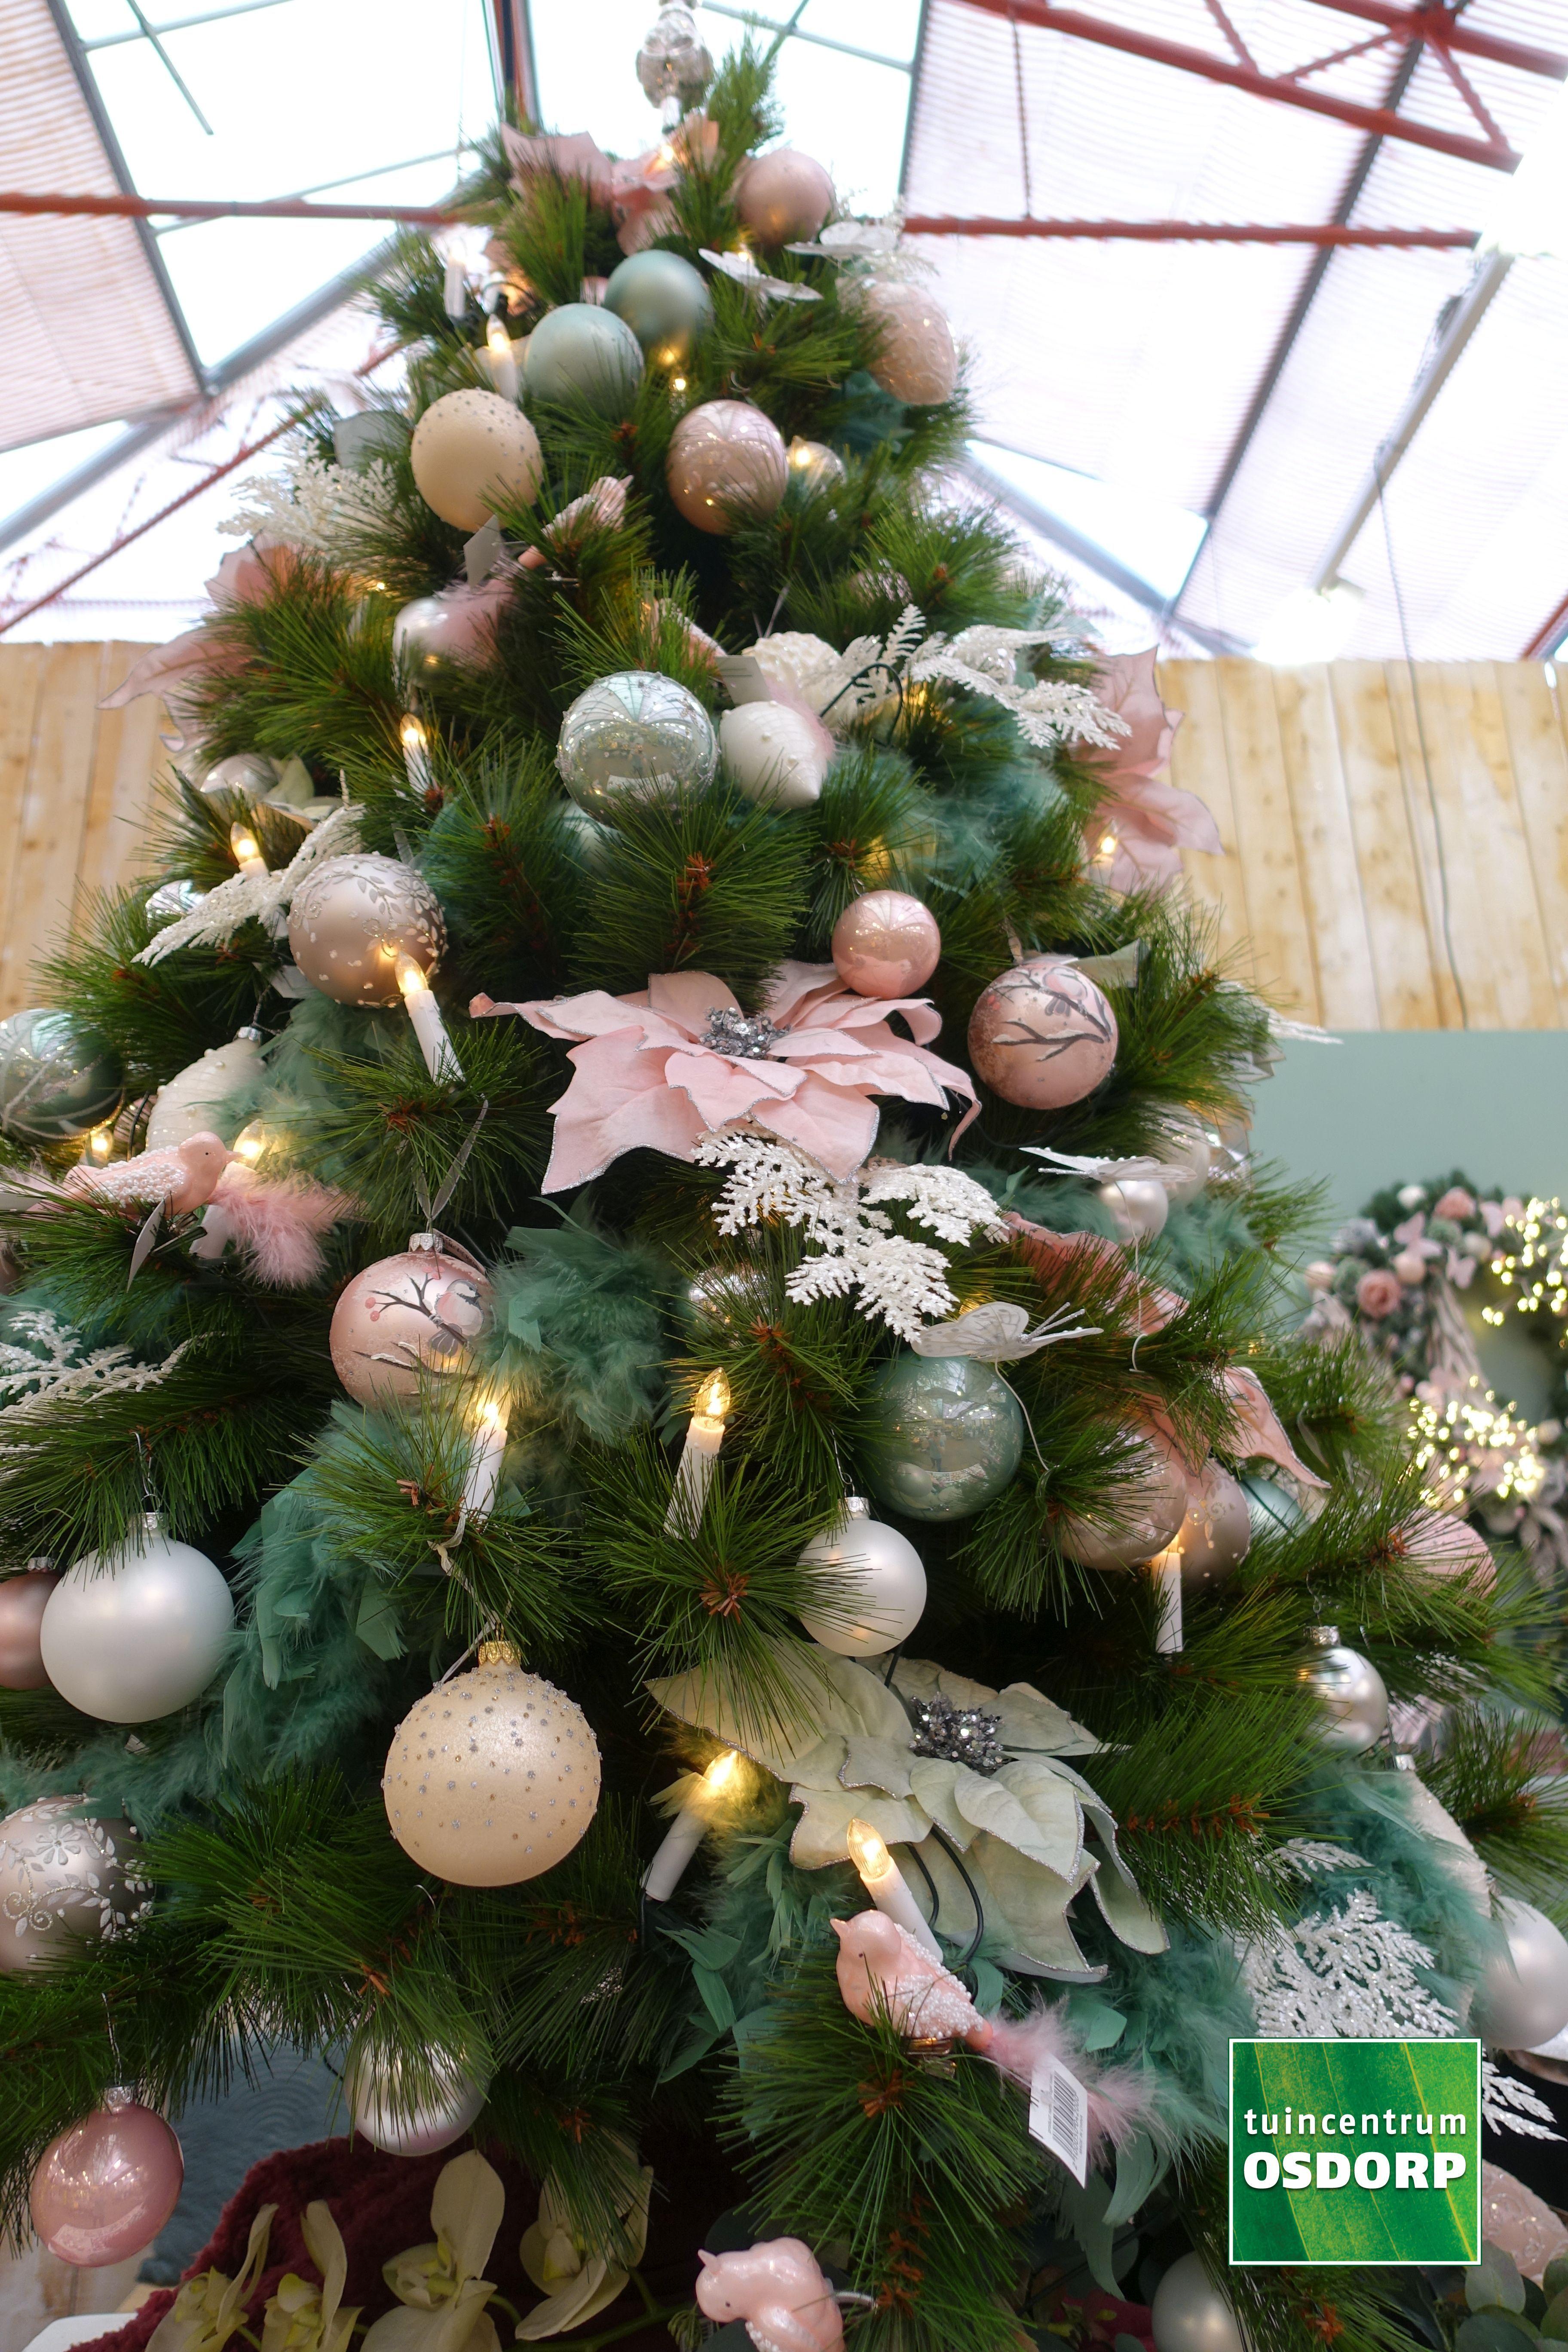 Kerst Inspiratie Bij De Kerstshow Van Tuincentrum Osdorp Kerstboom Versiering In De Kleuren Roze Parel Linnen Goud Roze Kerst Kerstboom Versieringen Kerst